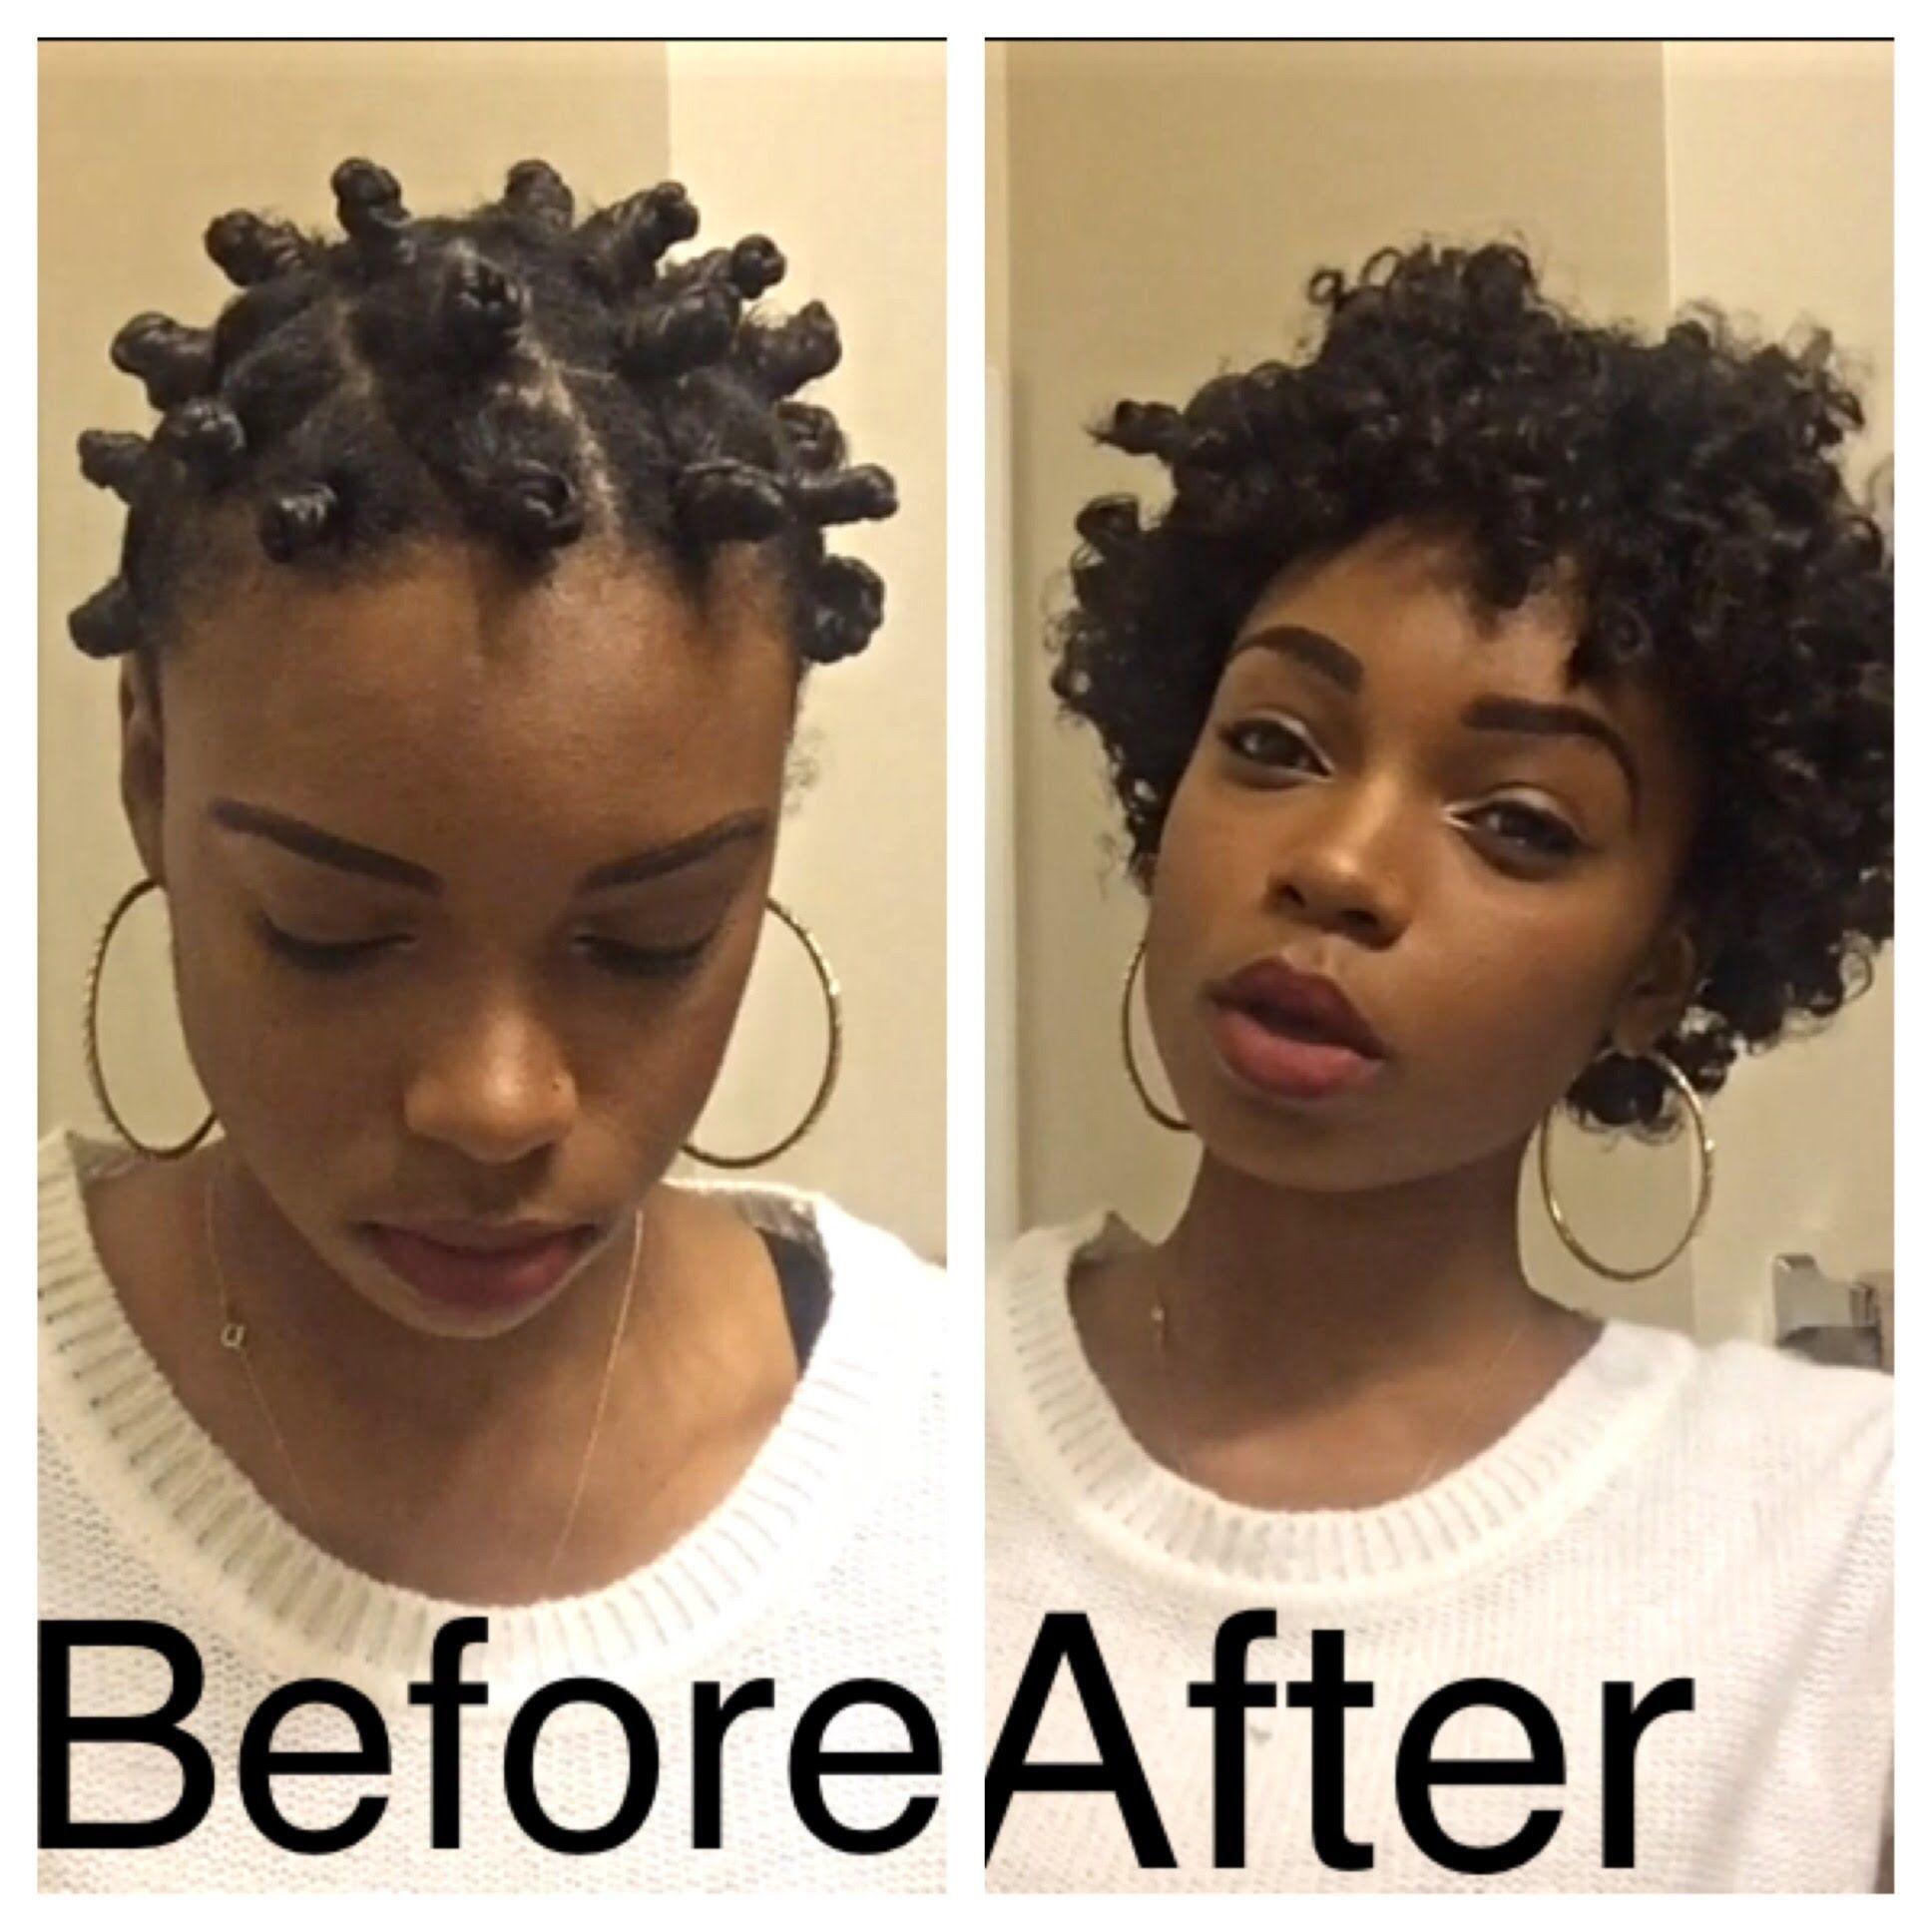 Luxus Kurze Lockige Afro Frisuren Neu Frisuren 2018 Transitioning Hairstyles Natural Hair Styles Short Hair Styles